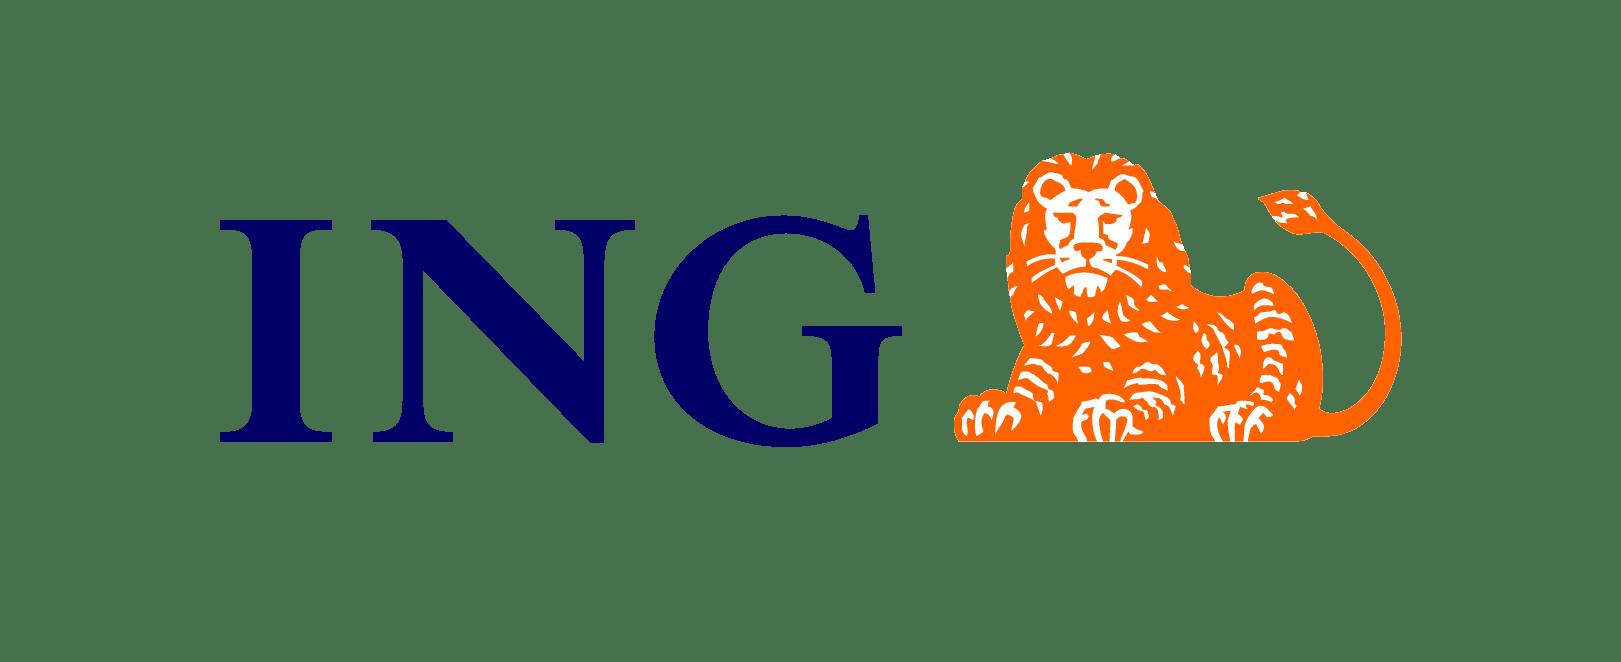 ING_Primary_Logo_RGB